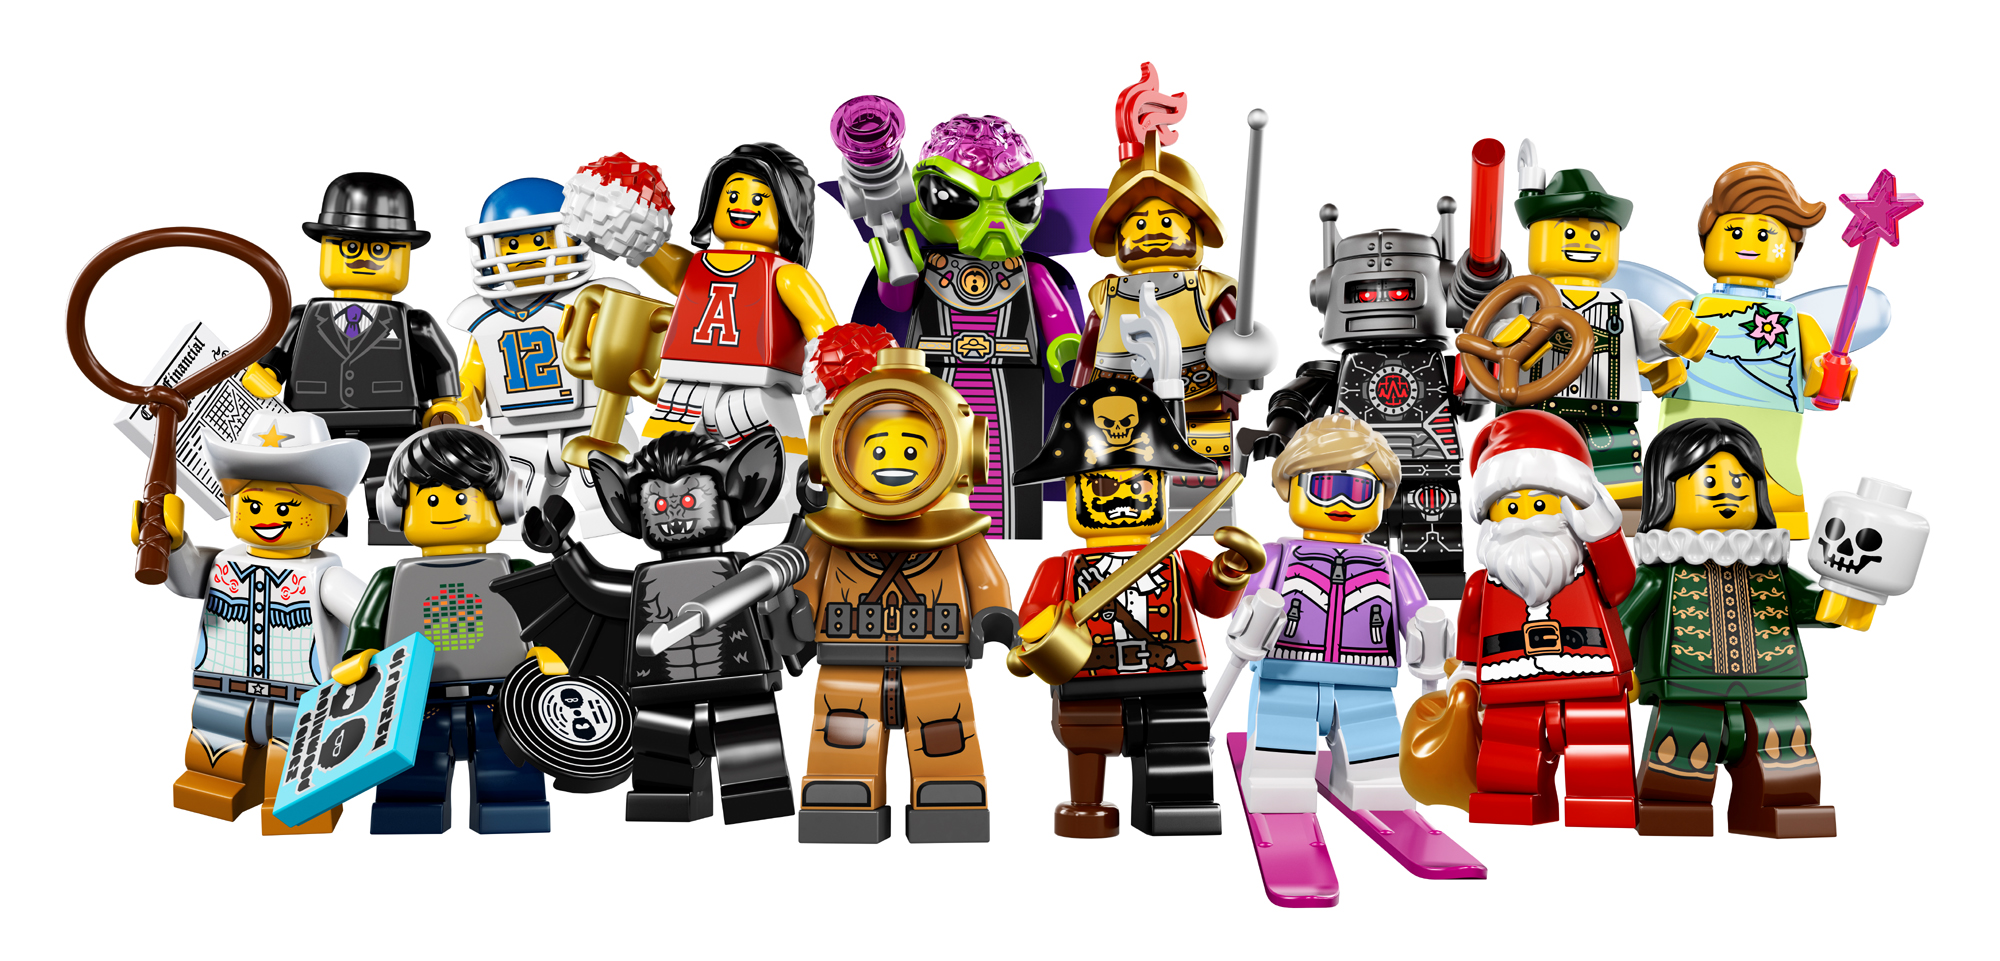 Lego kompanija izgubila 150 miliona dolara za jedan dan